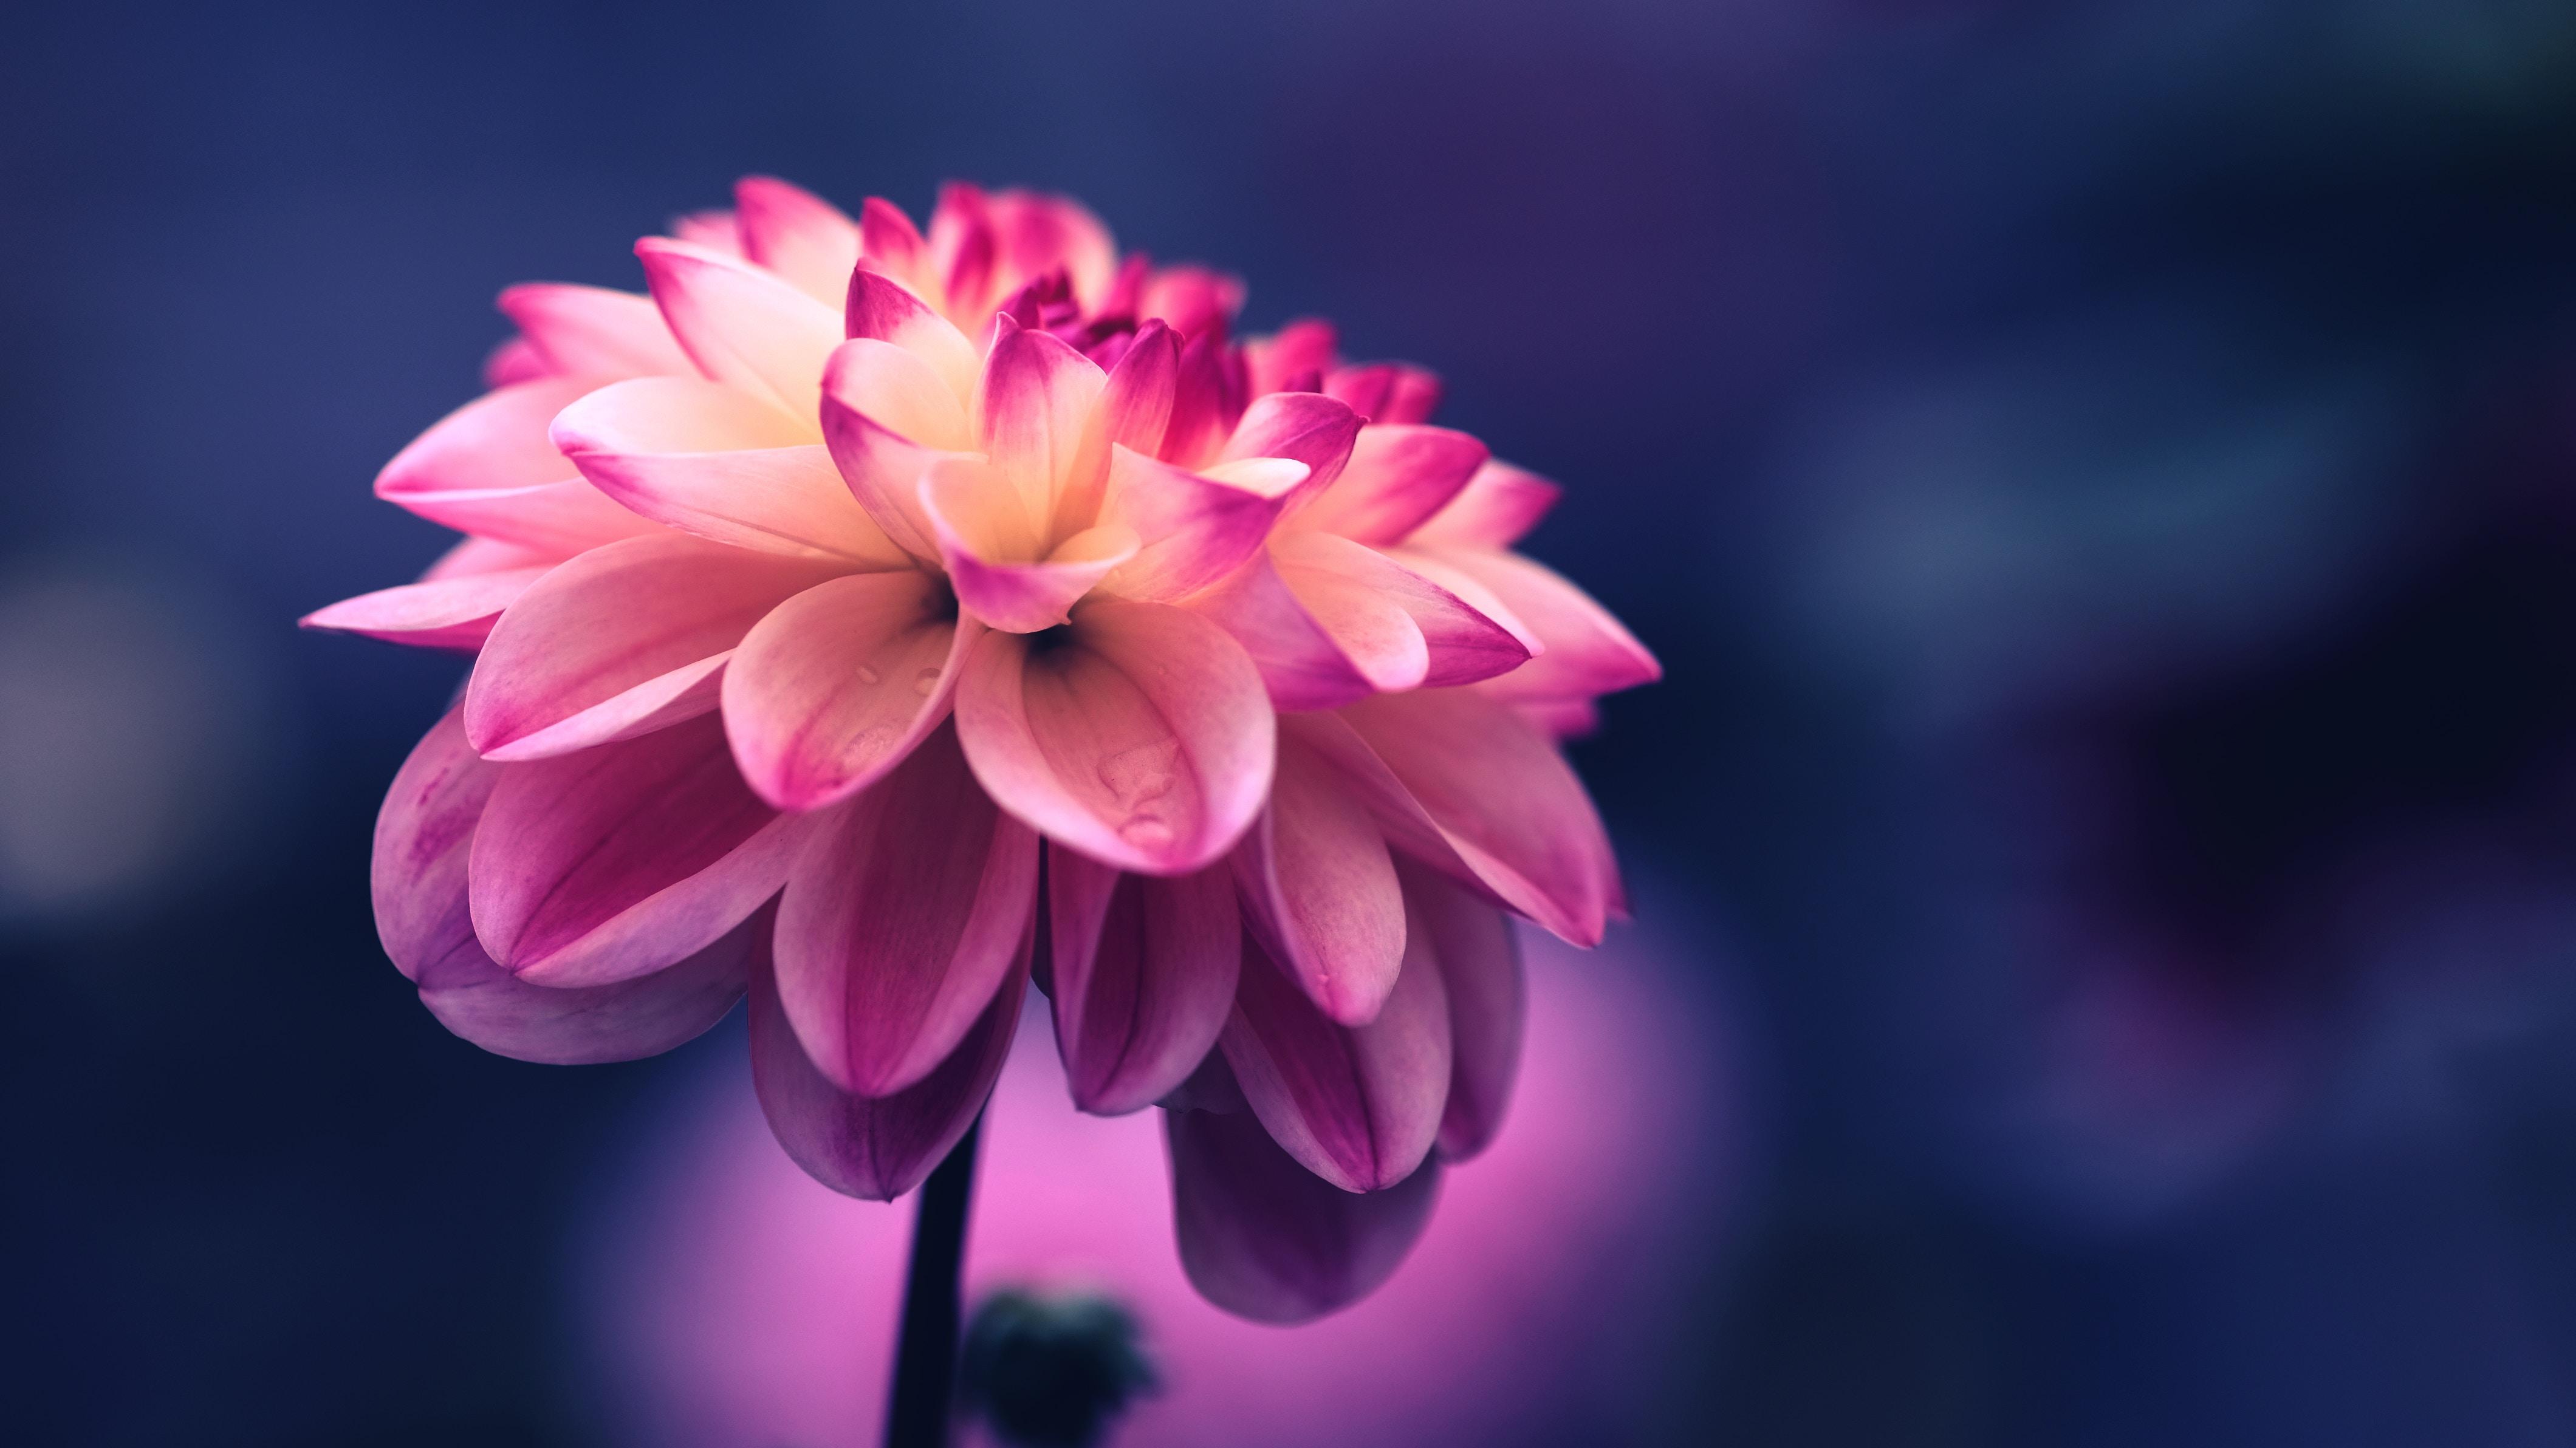 Hình nền hoa đẹp nhất